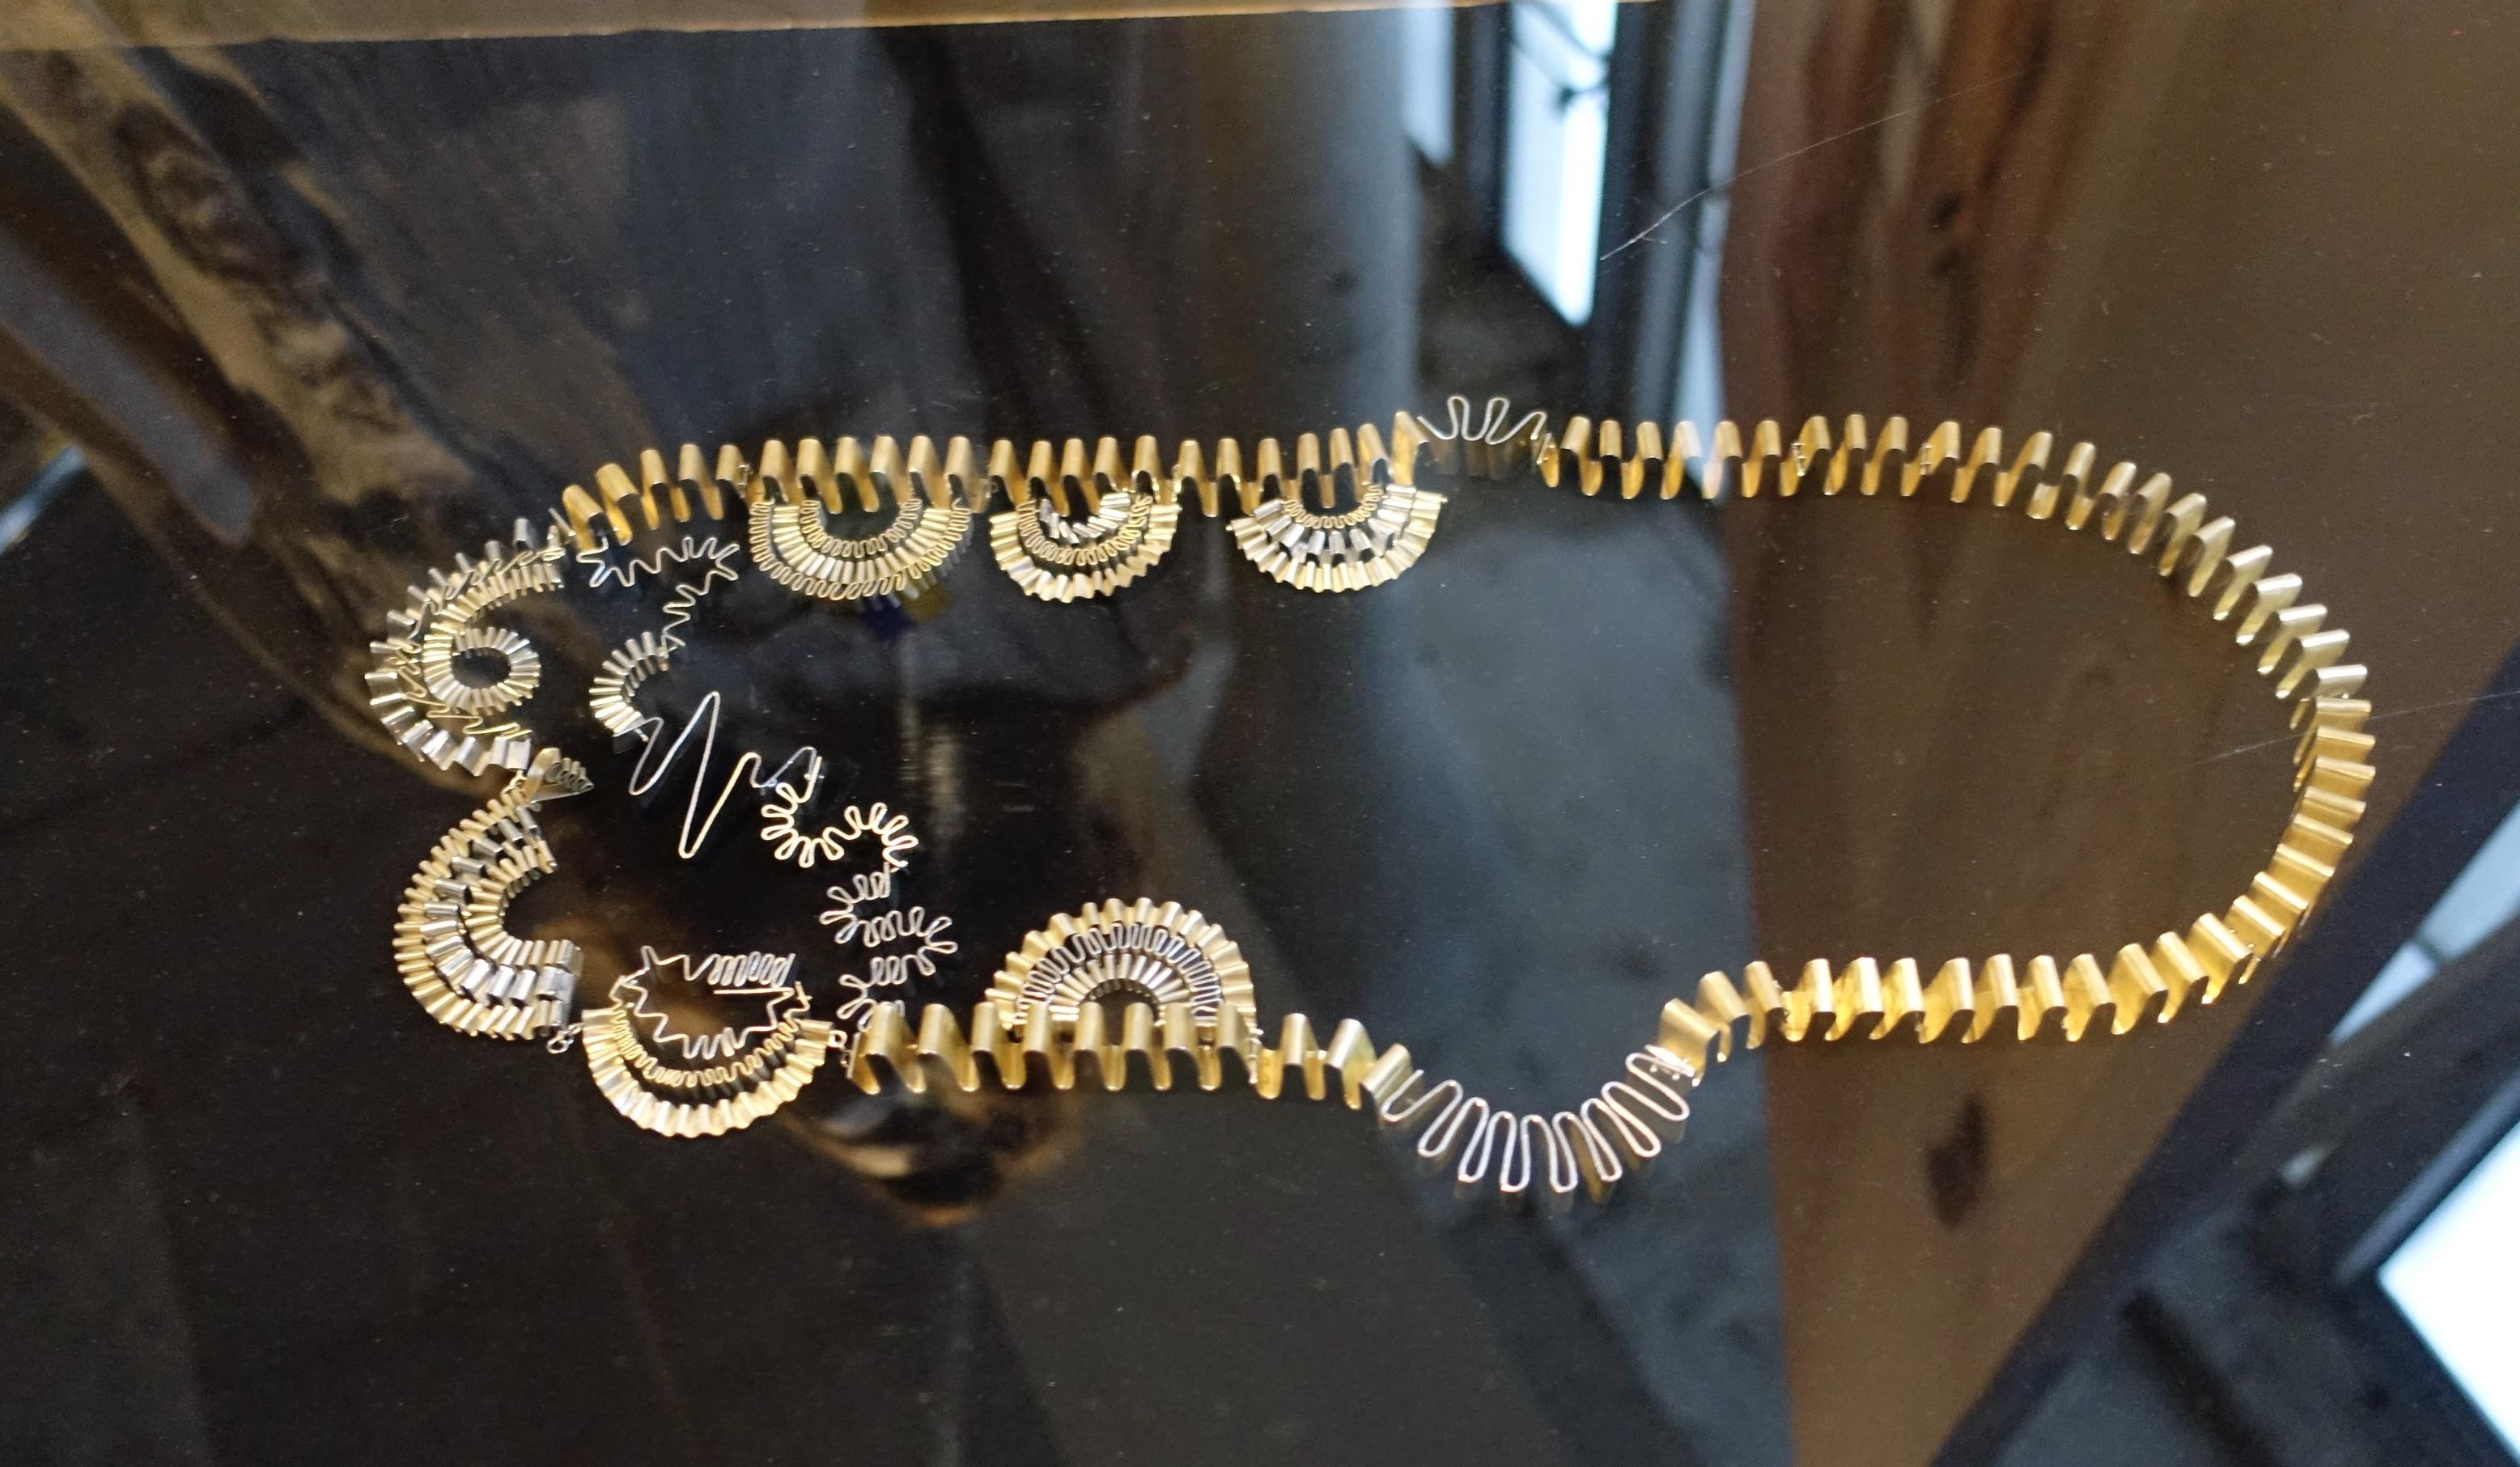 Eva van Kempen, halssieraad, Challenging Jewellery, Het HEM, Zaandam, 2020. Foto M.O., , geanodiseerd aluminium, zilver